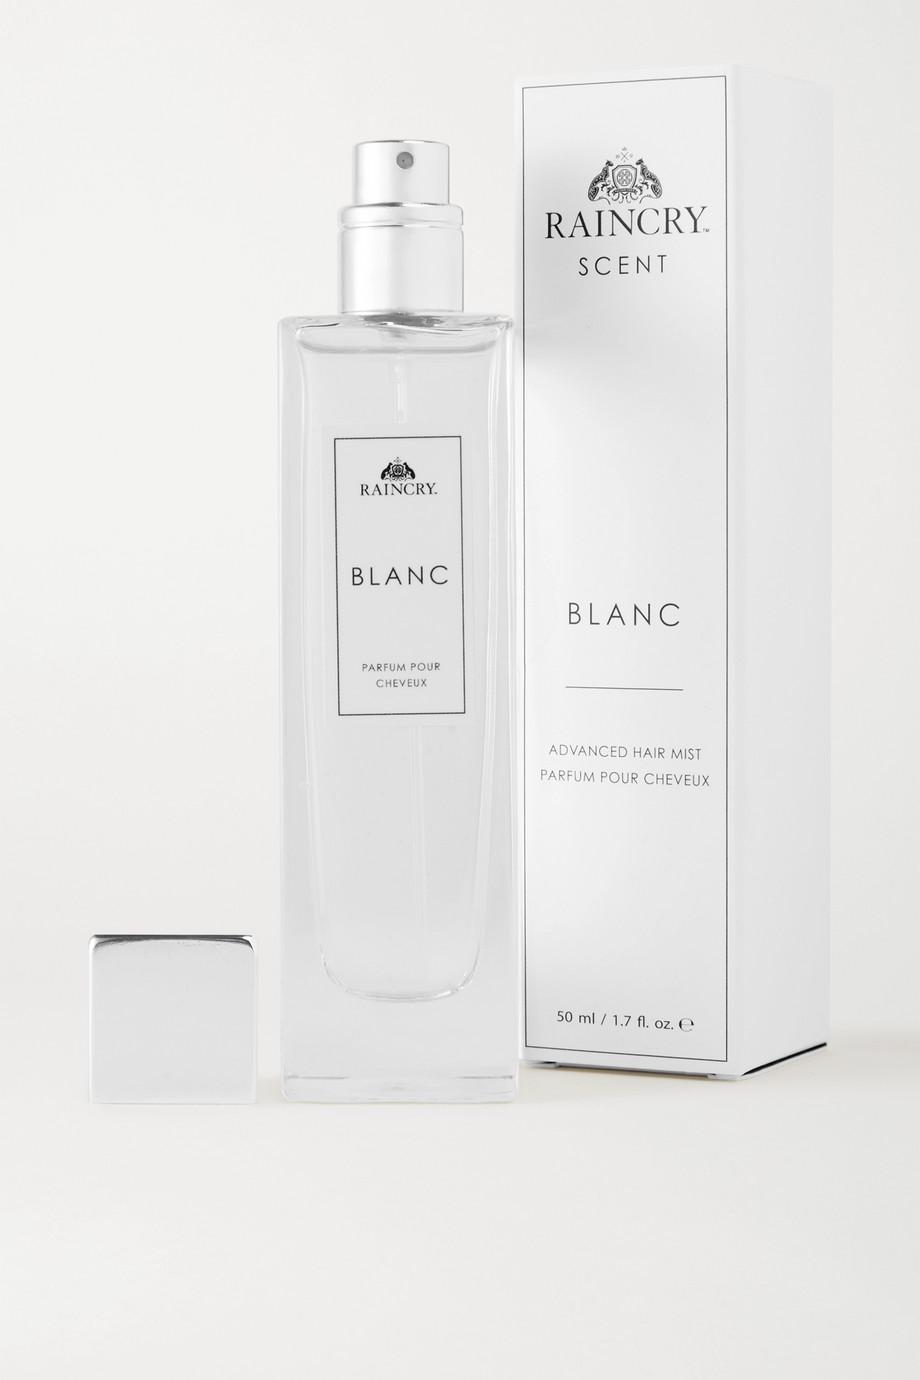 RAINCRY Advanced Hair Mist Blanc - Fleur du Serenity, 50ml